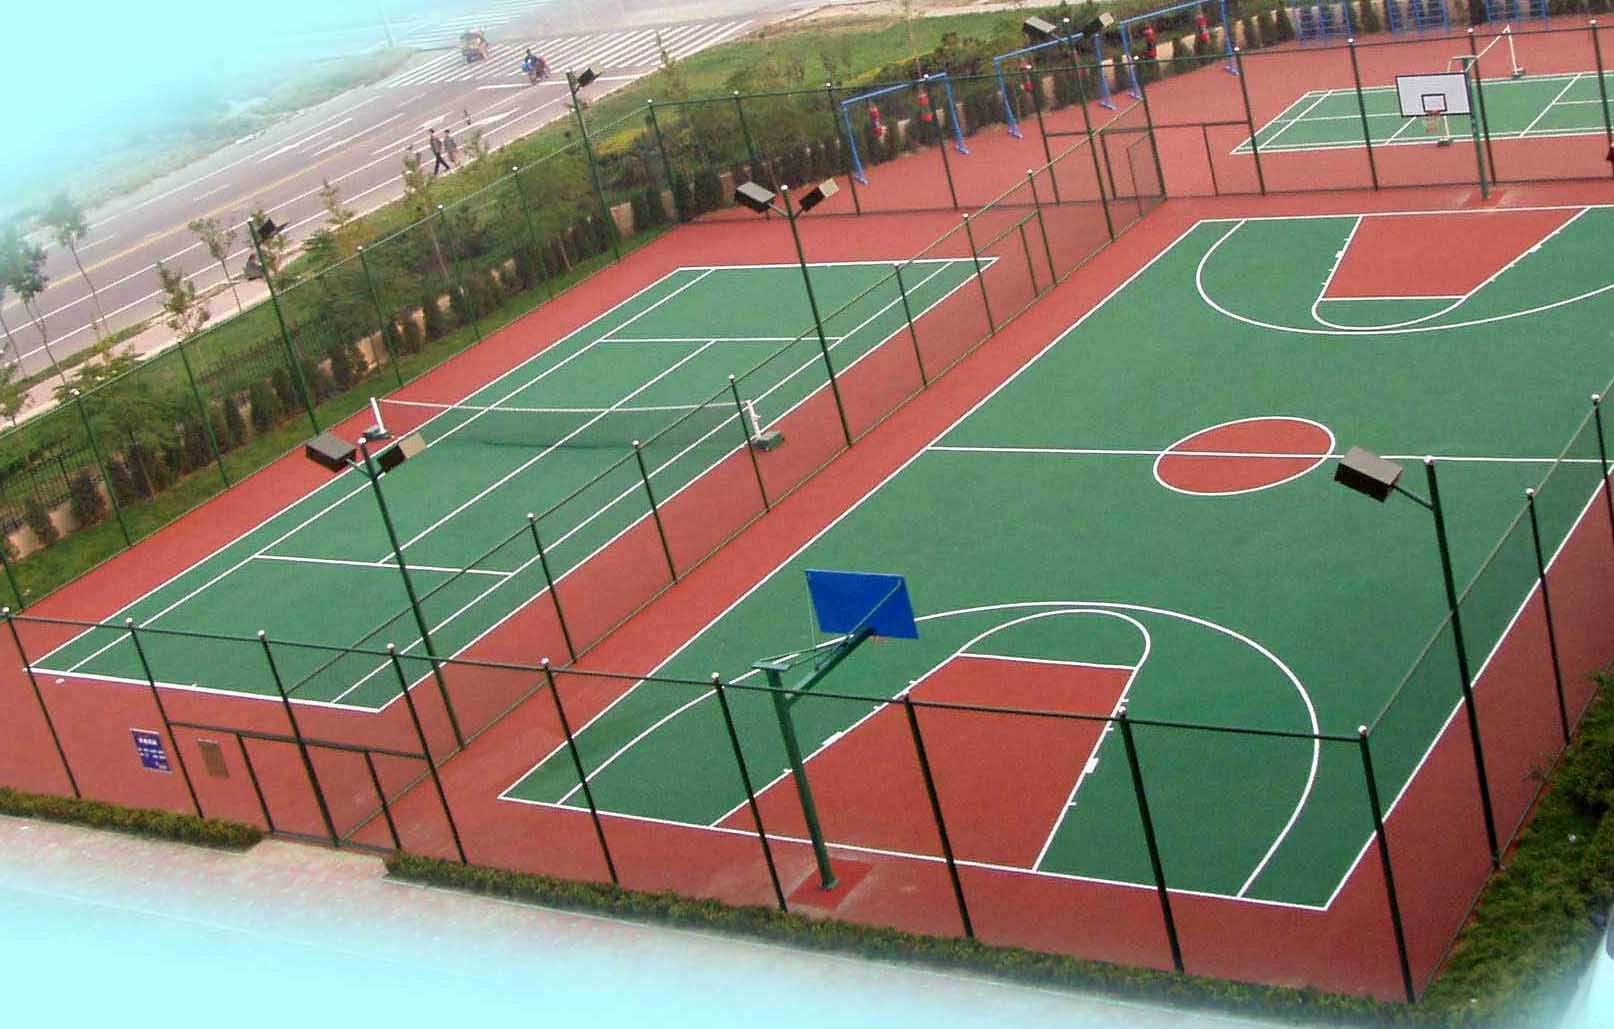 篮球场 - [塑胶地板,塑胶制品]